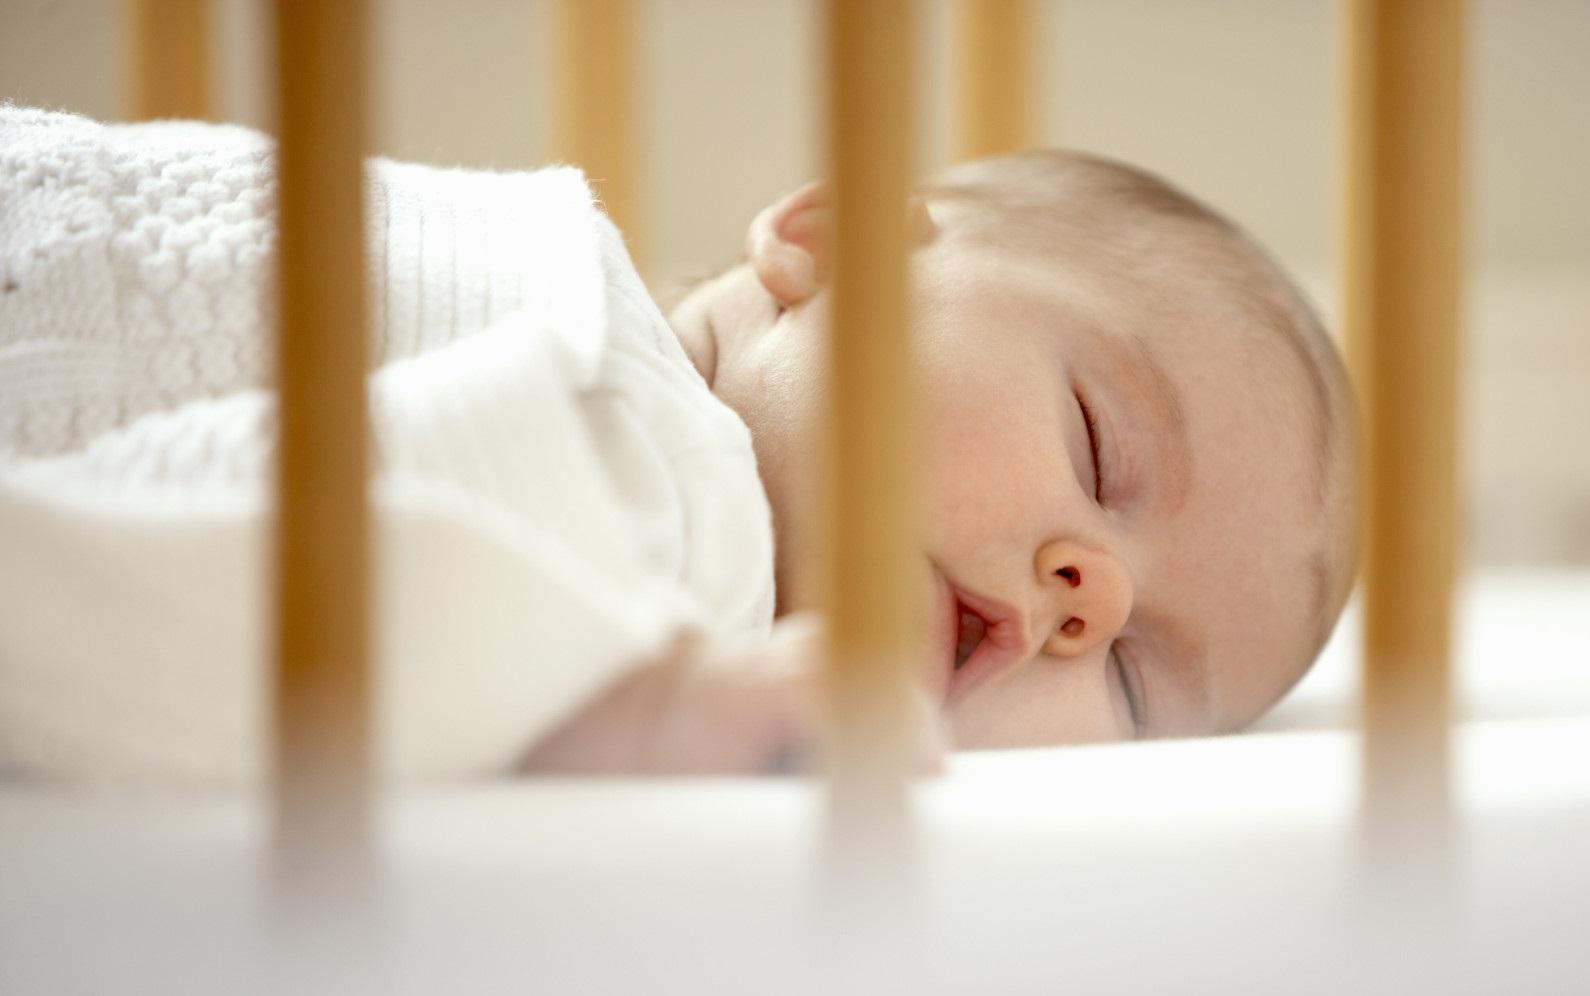 Sindrome della morte in culla ovvero la SIDS : cos'è e cause